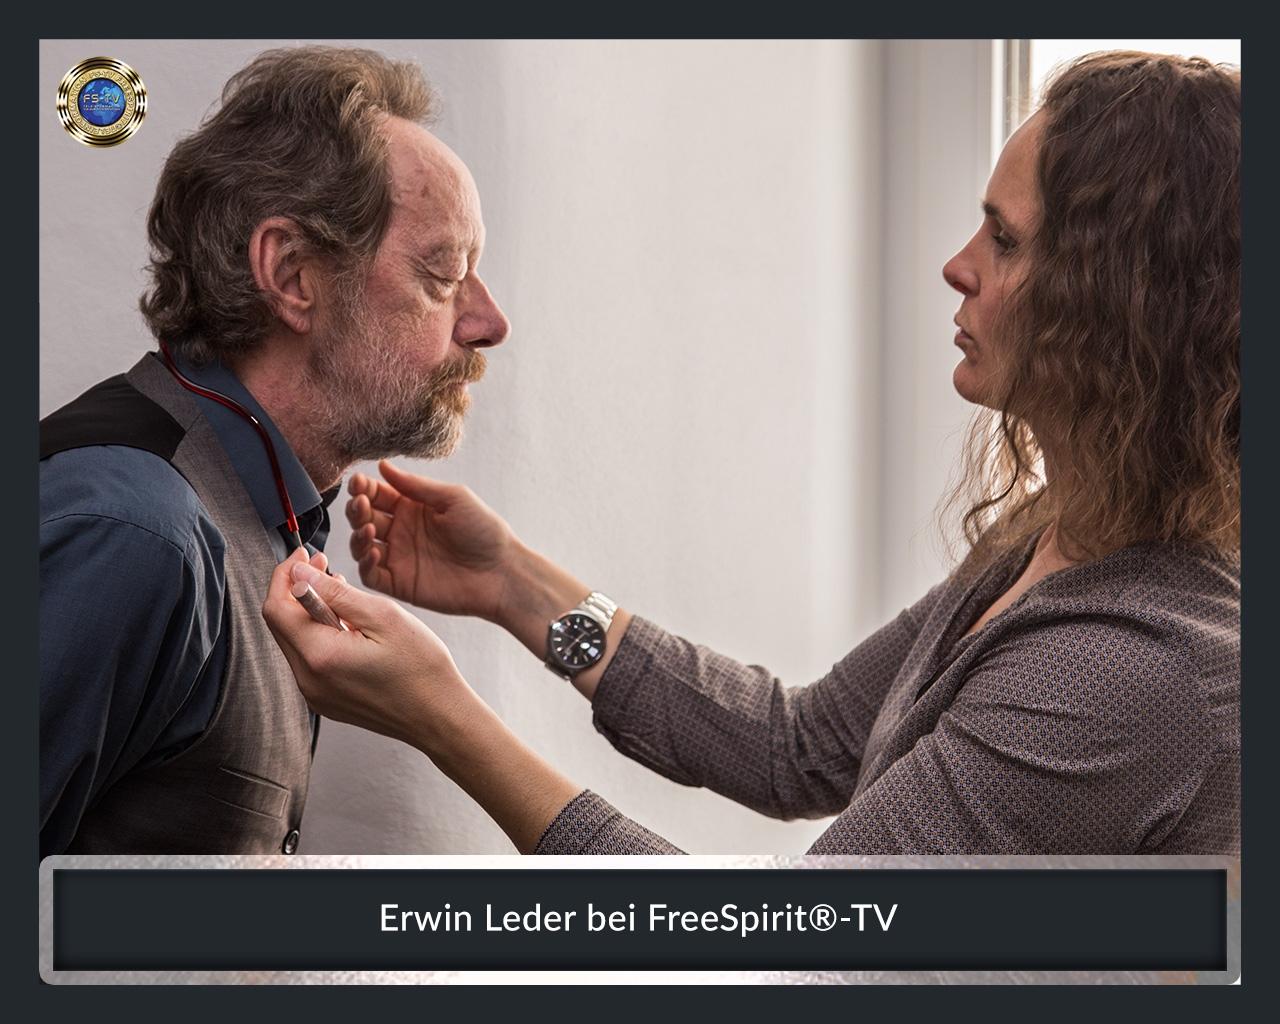 FS-TV-Bildergallerie-Erwin-Leder-8